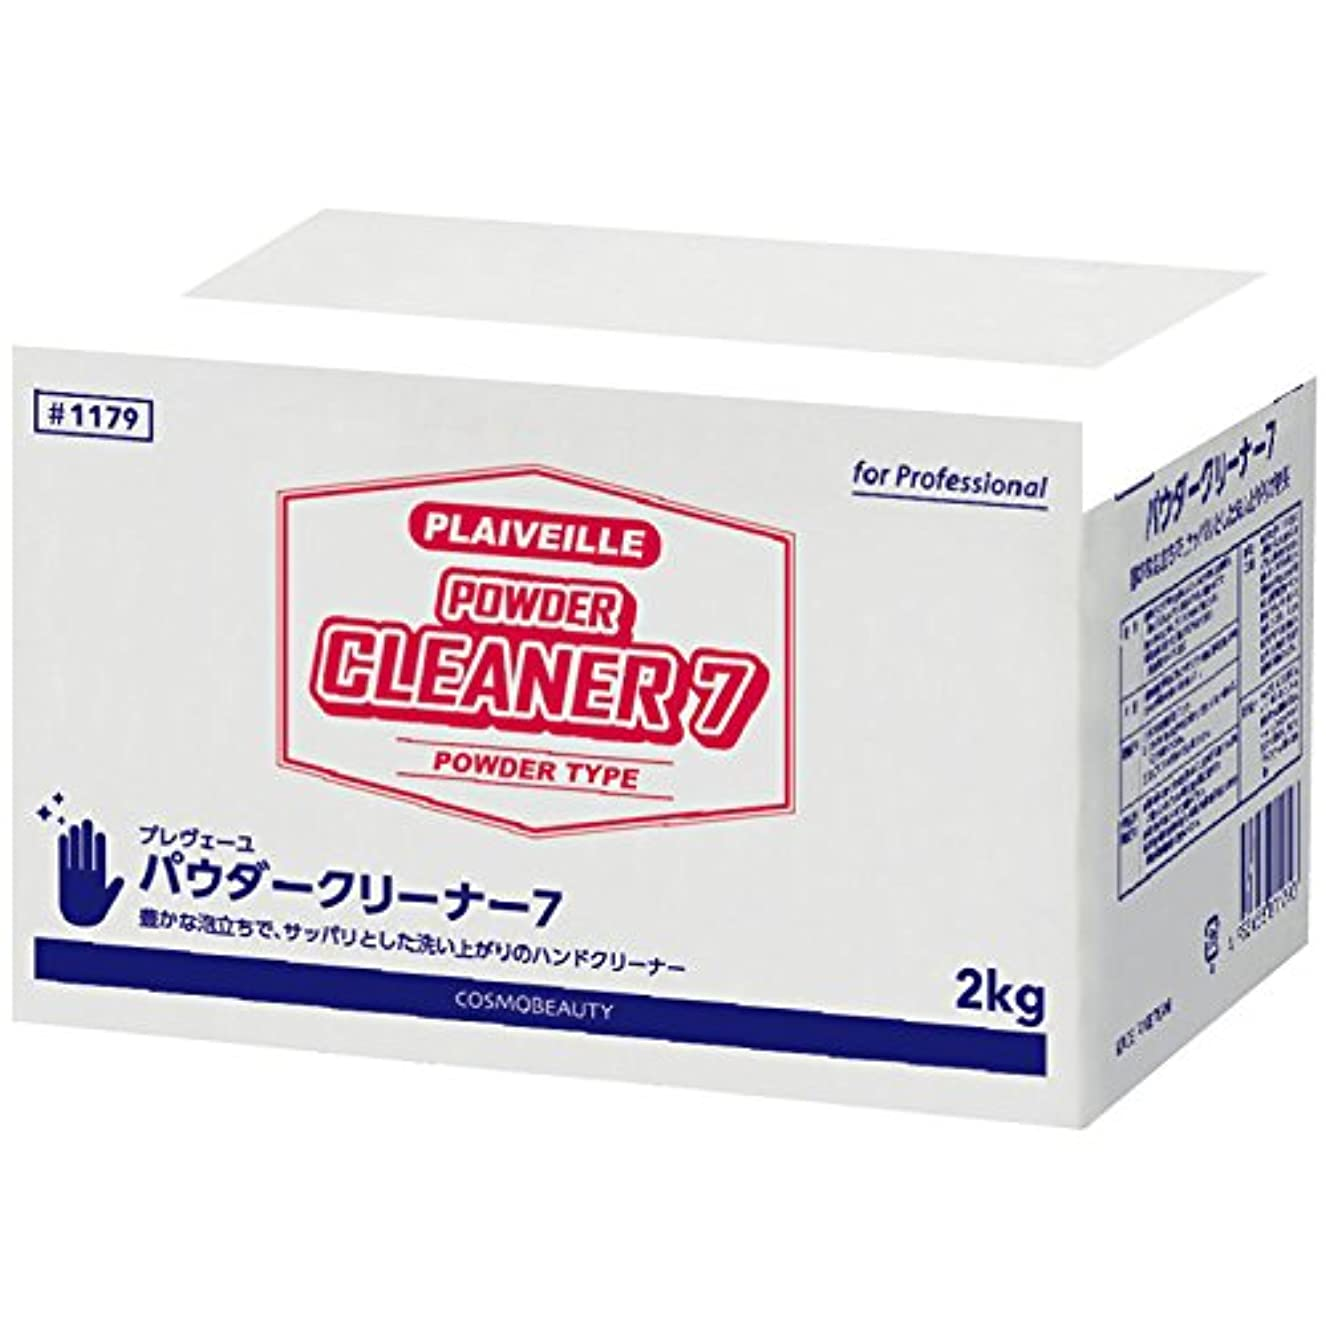 発掘するヒューズ以下コスモビューティー 業務用手洗い洗剤 パワークリーナーセブン( 旧名:クリンバーセブン) 2kg×4個 / 1179